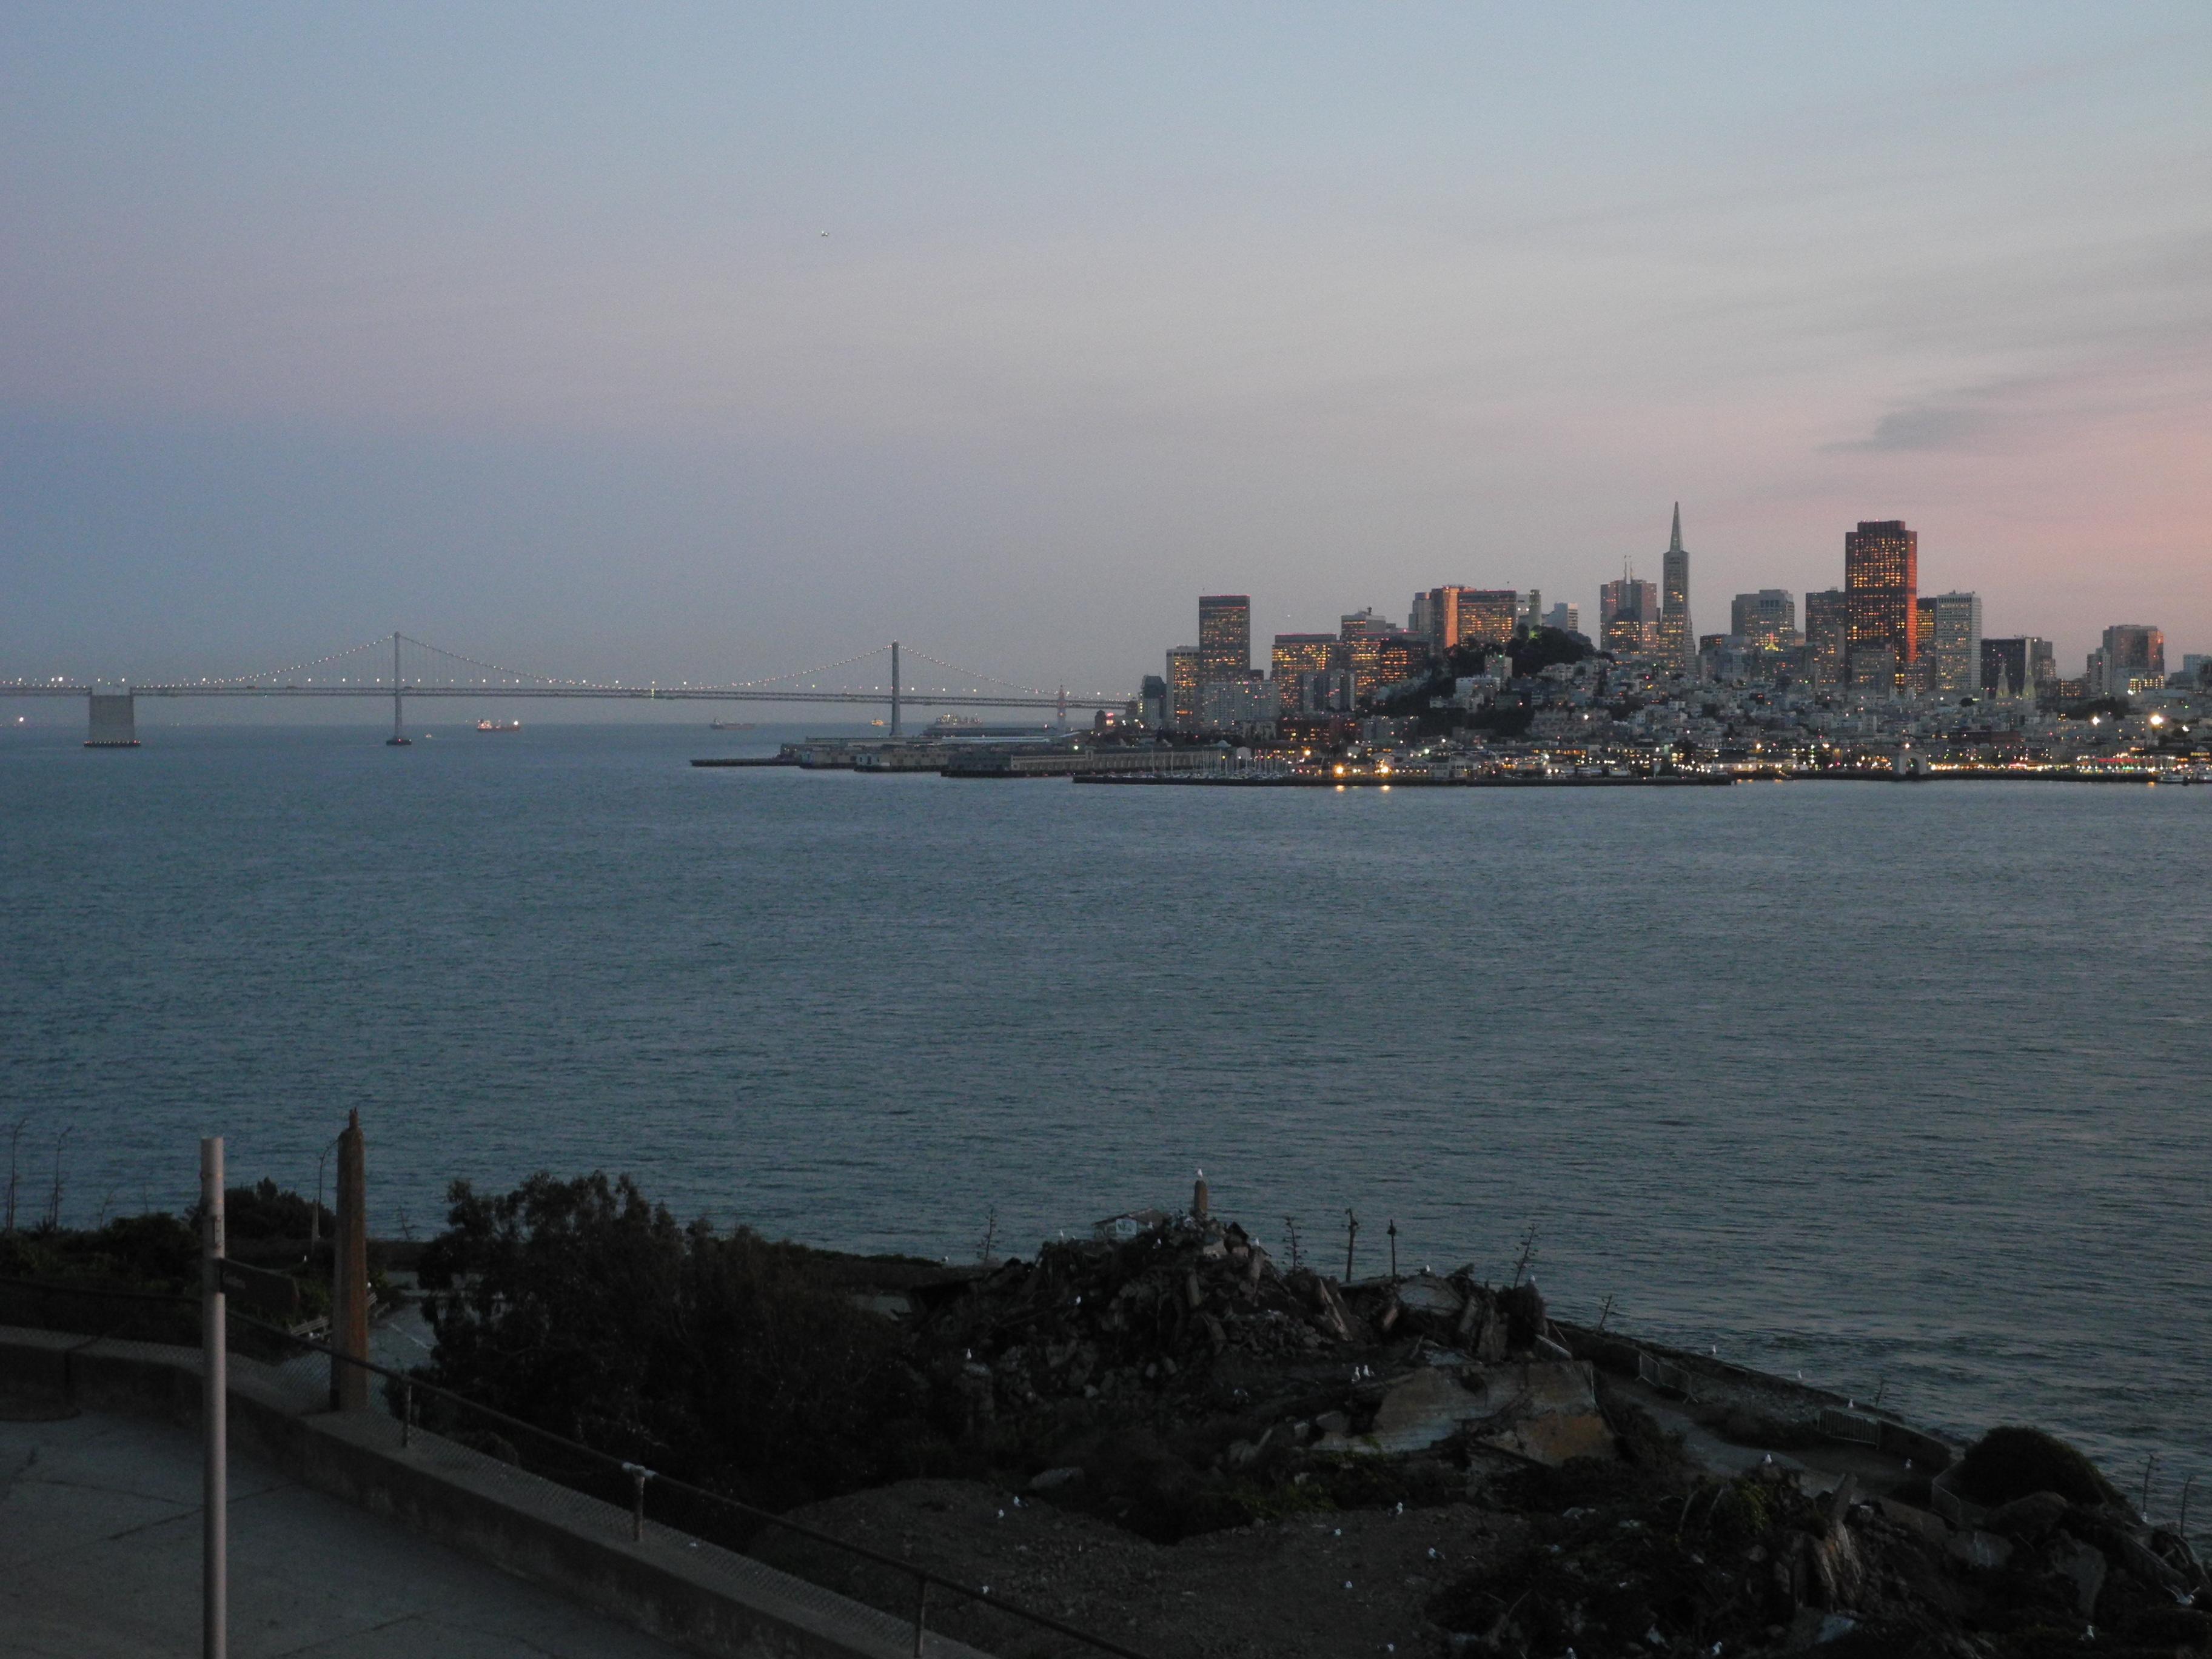 São Francisco, Tão perto, mas tão longe...